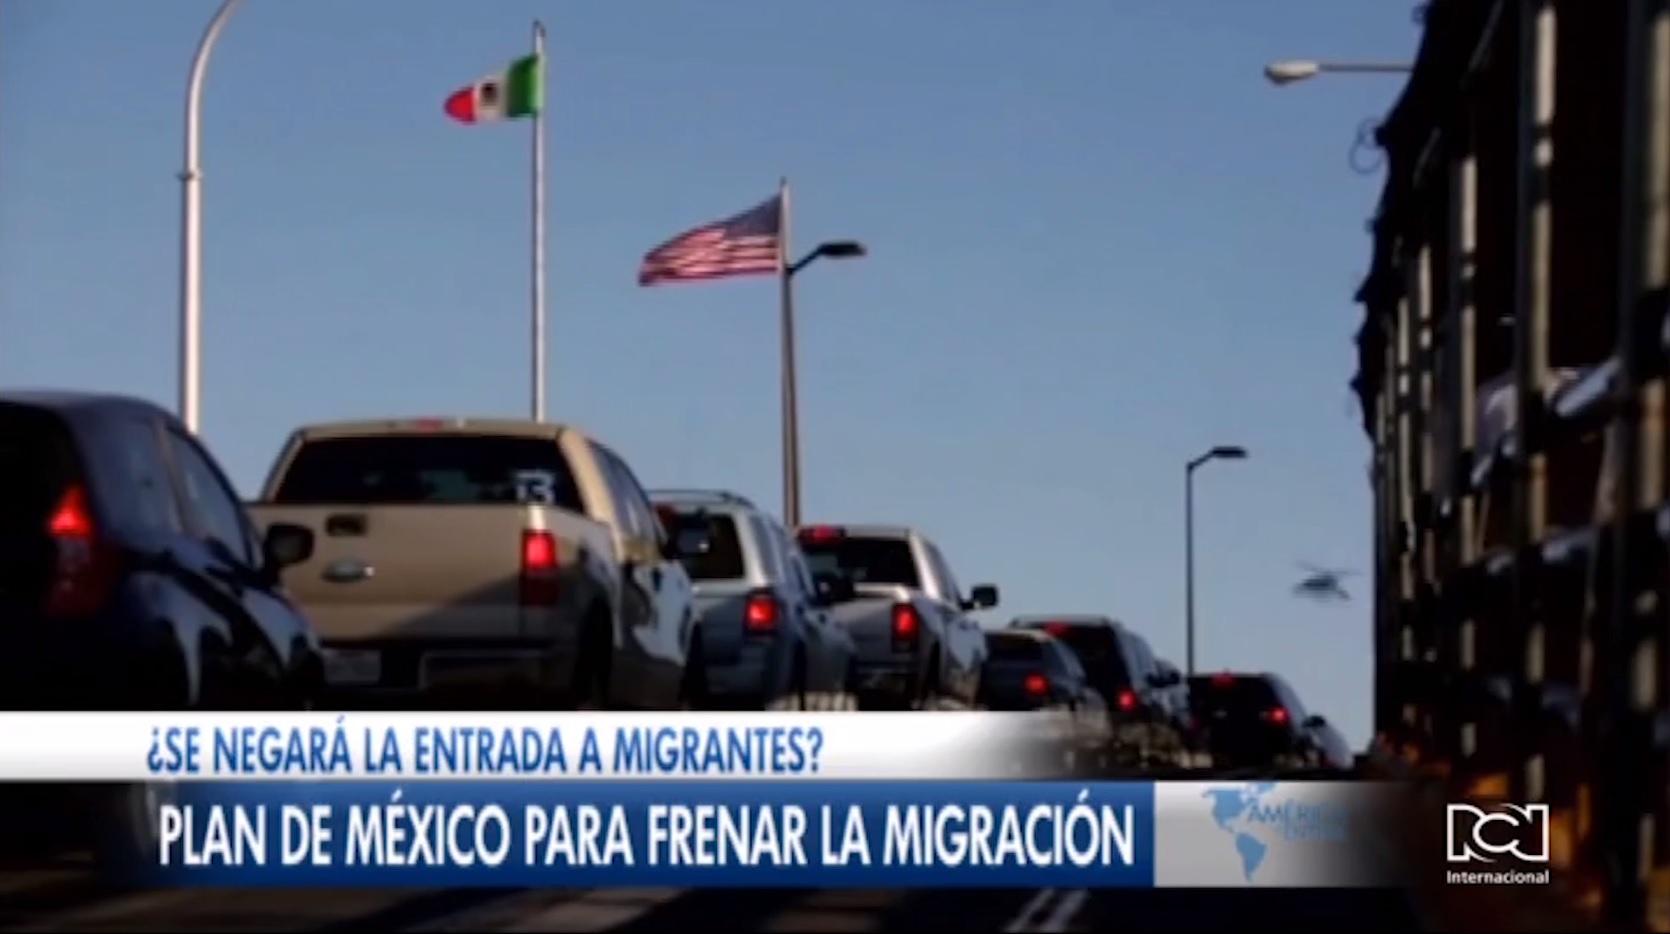 plan-de-mexico-para-frenar-la-migracion-ilegal.jpg